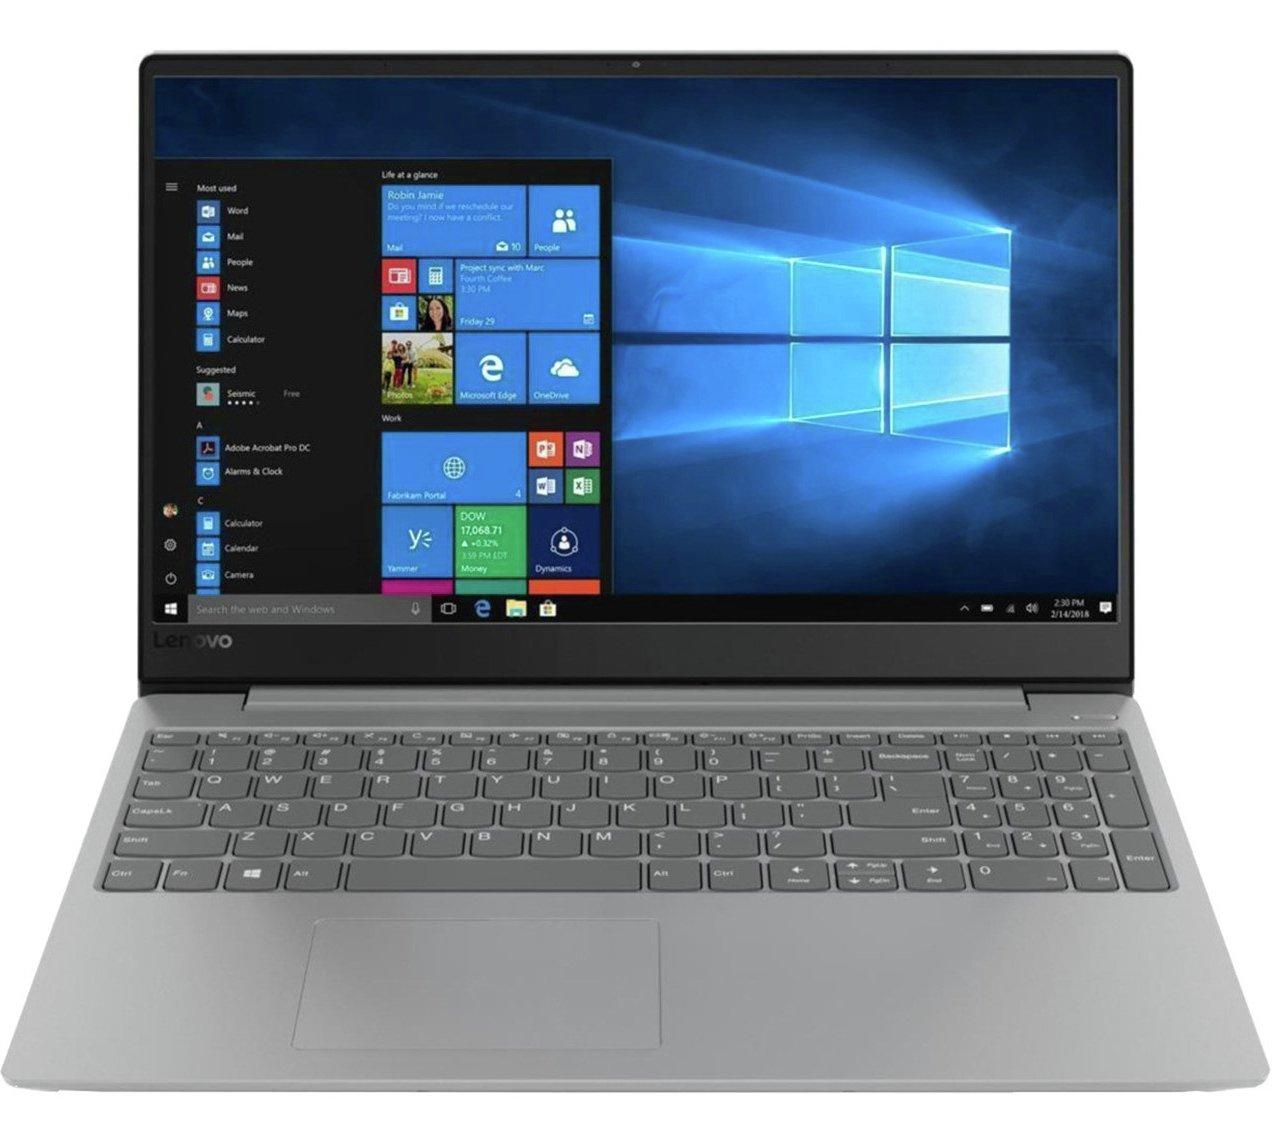 Lenovo IdeaPad 330s 15.6 Inch i5 8GB 1TB Laptop - Grey £399.99 at Argos